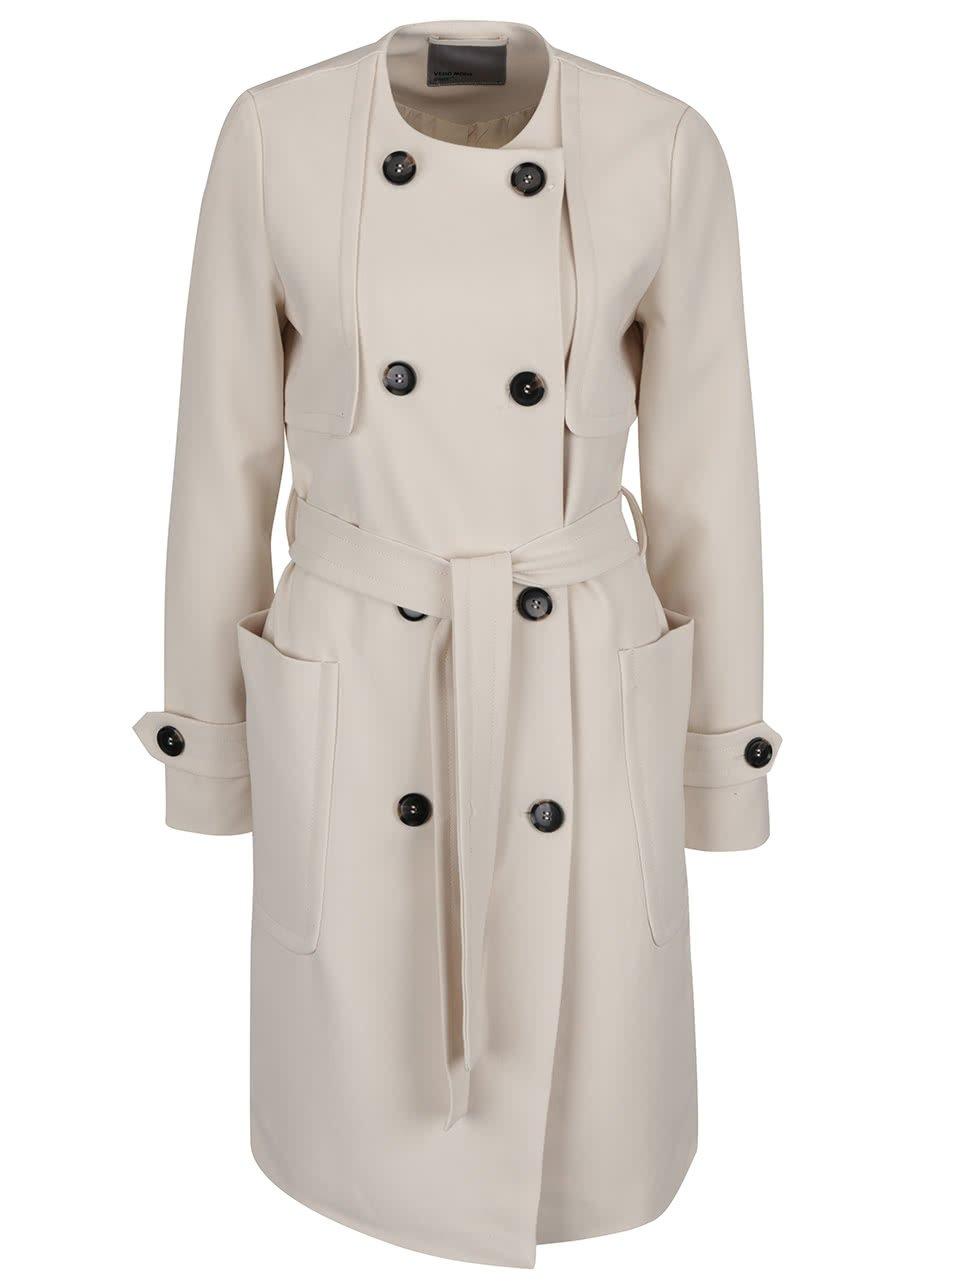 Béžový kabát s dvouřadým zapínáním a hlubokými kapsami VERO MODA Janna